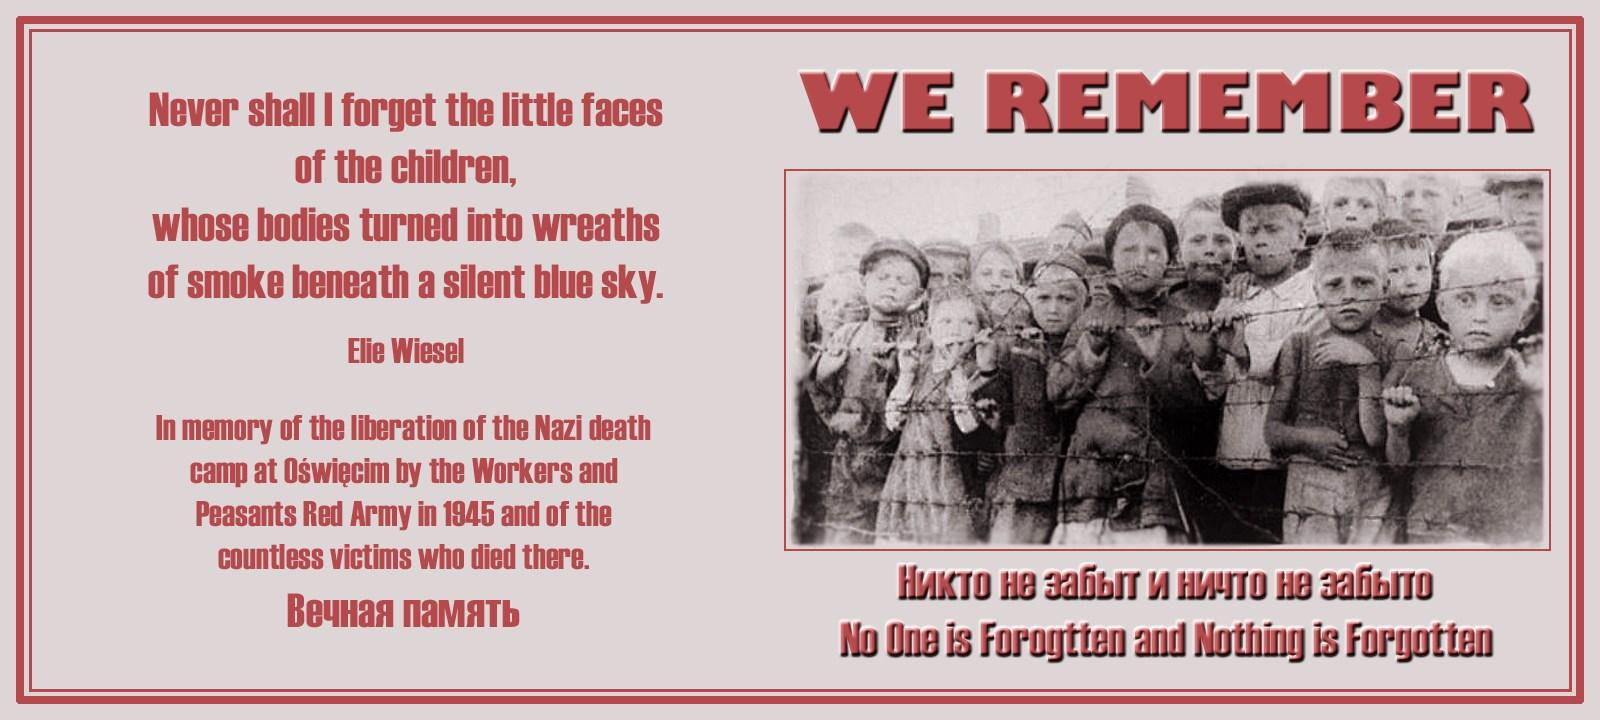 00 Holocaust memorial day 2015. 16.04.15